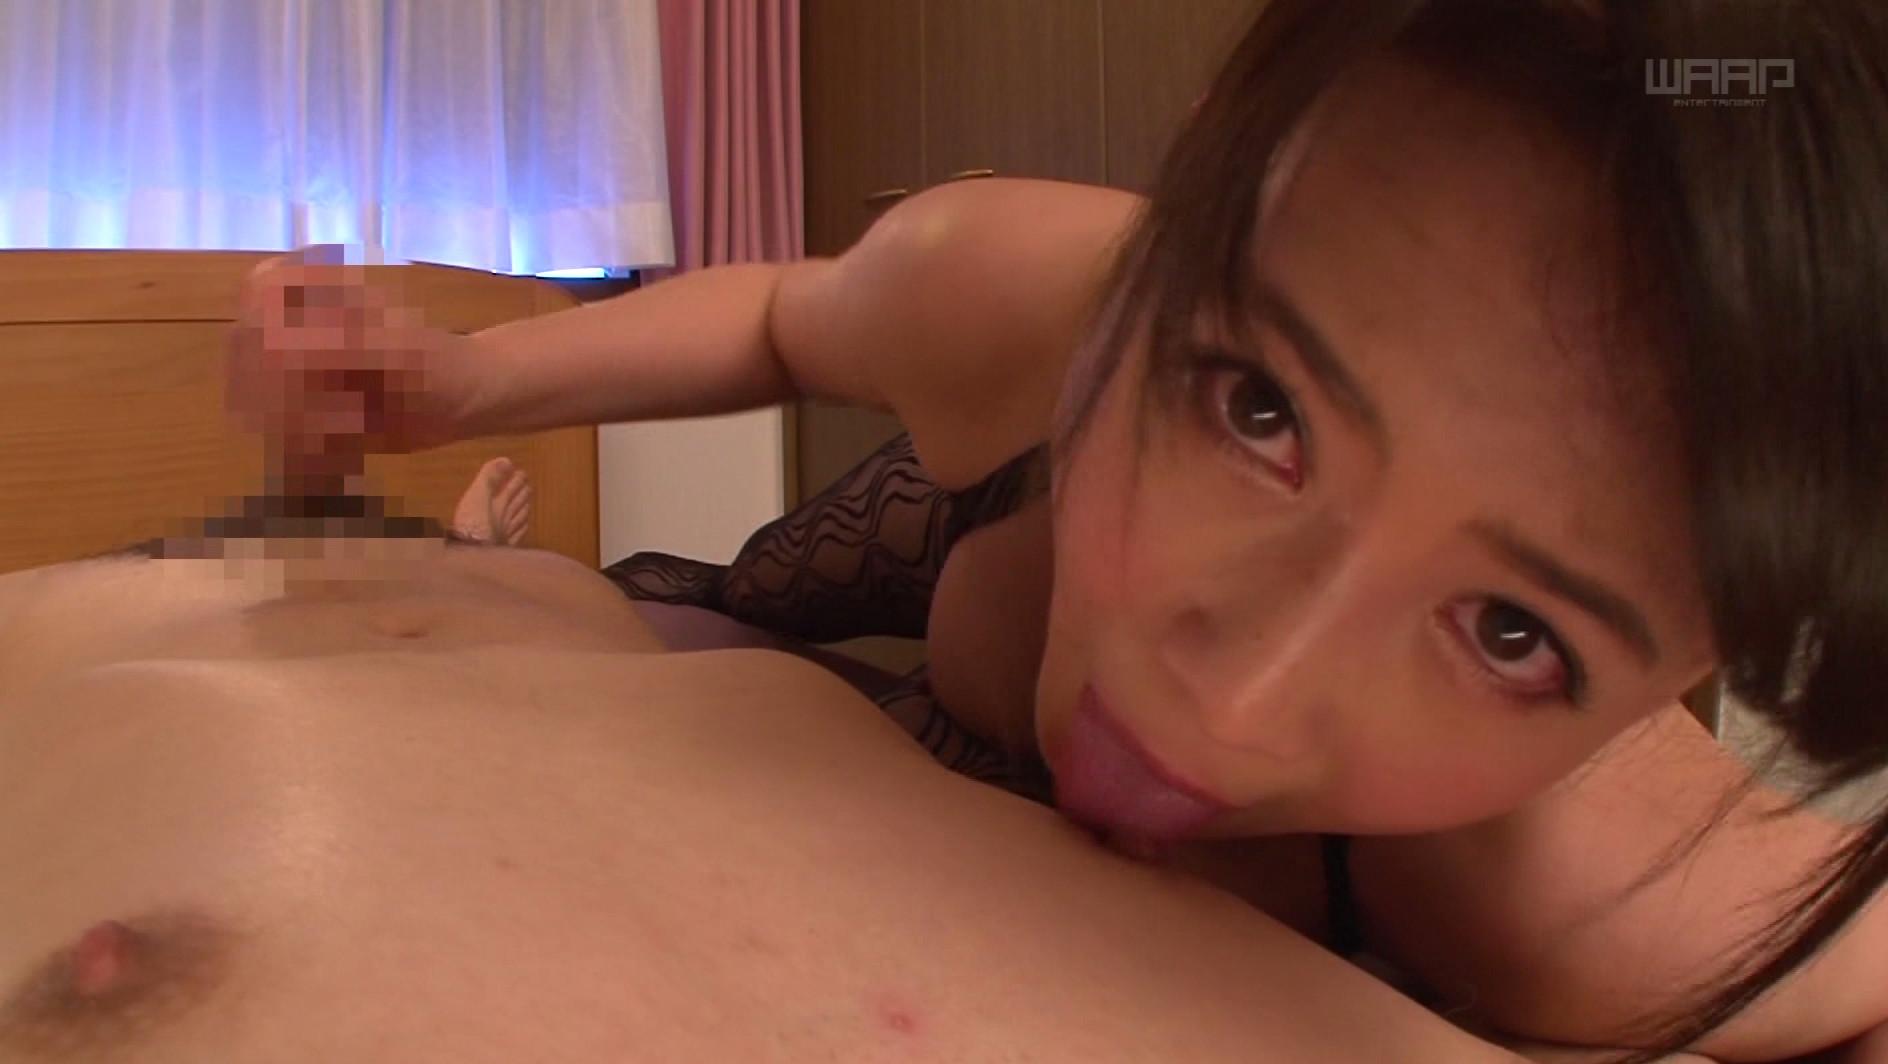 こんな女に抱かれたい 三浦恵理子,のサンプル画像46